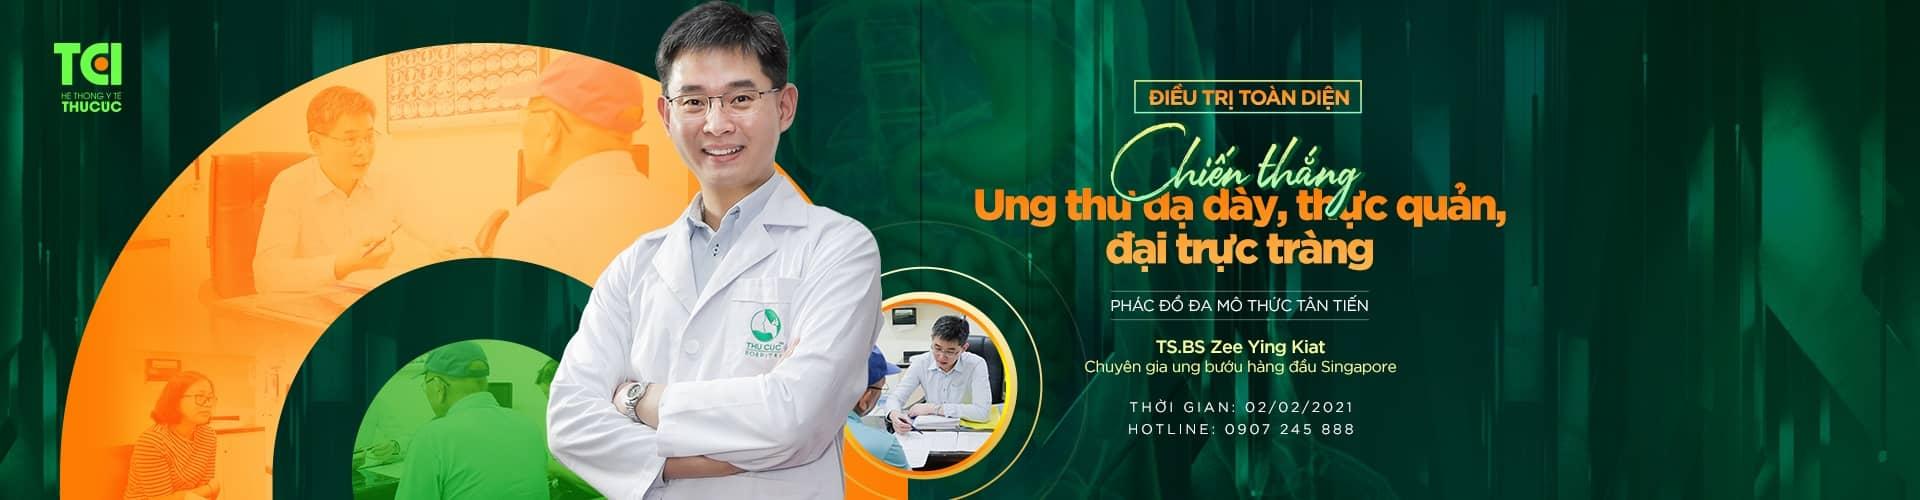 đặt lịch bác sĩ ung bướu Thu Cúca